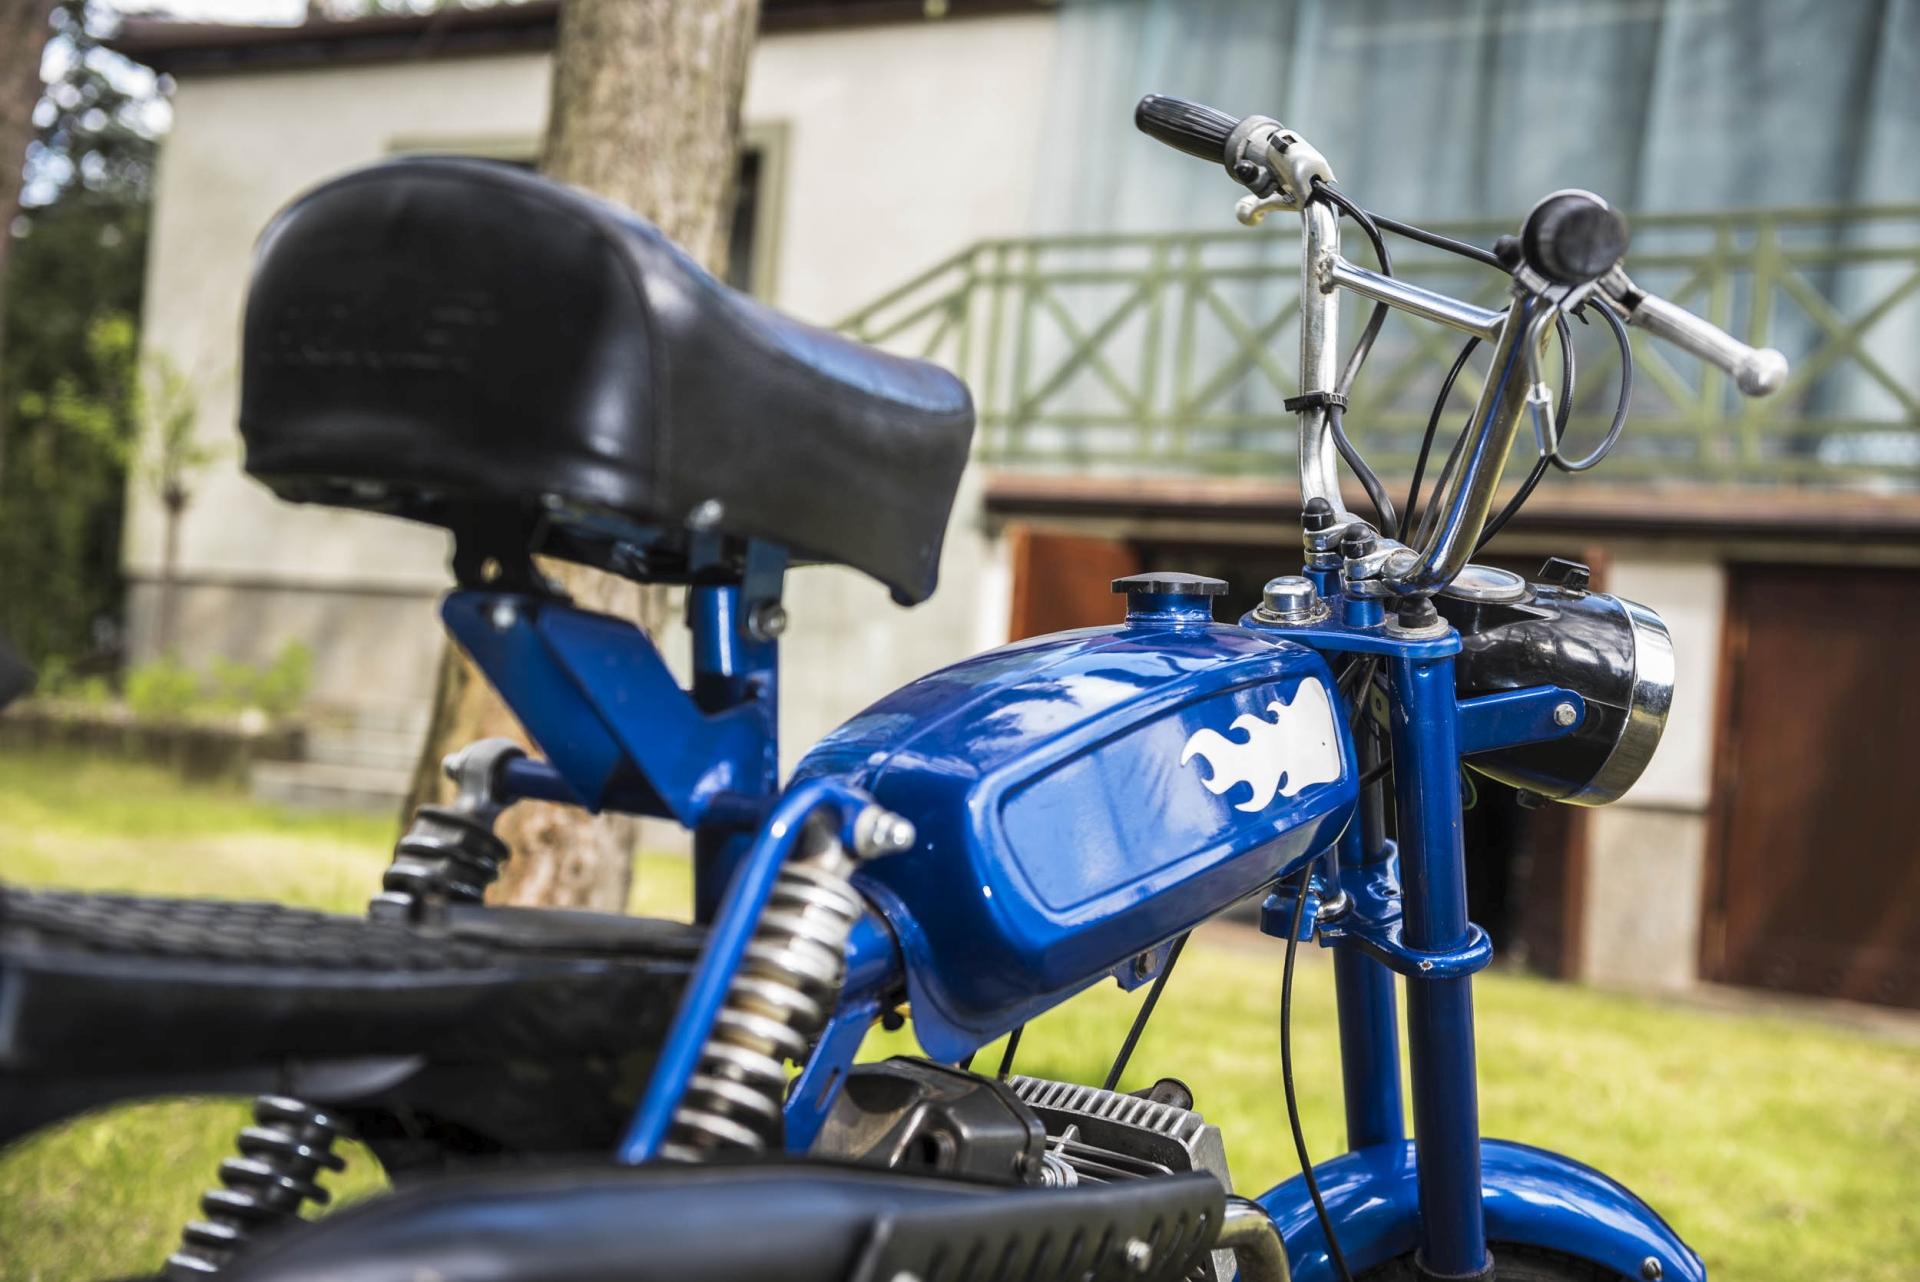 Nie mijał się z prawdą Sidney Polak w swojej piosence o warszawskim osiedlu Chomiczówka, bo lata jego budowy pokrywają się z debiutem chyba najbardziej kultowego, polskiego motoroweru – Rometa 50 M-1 Pony.